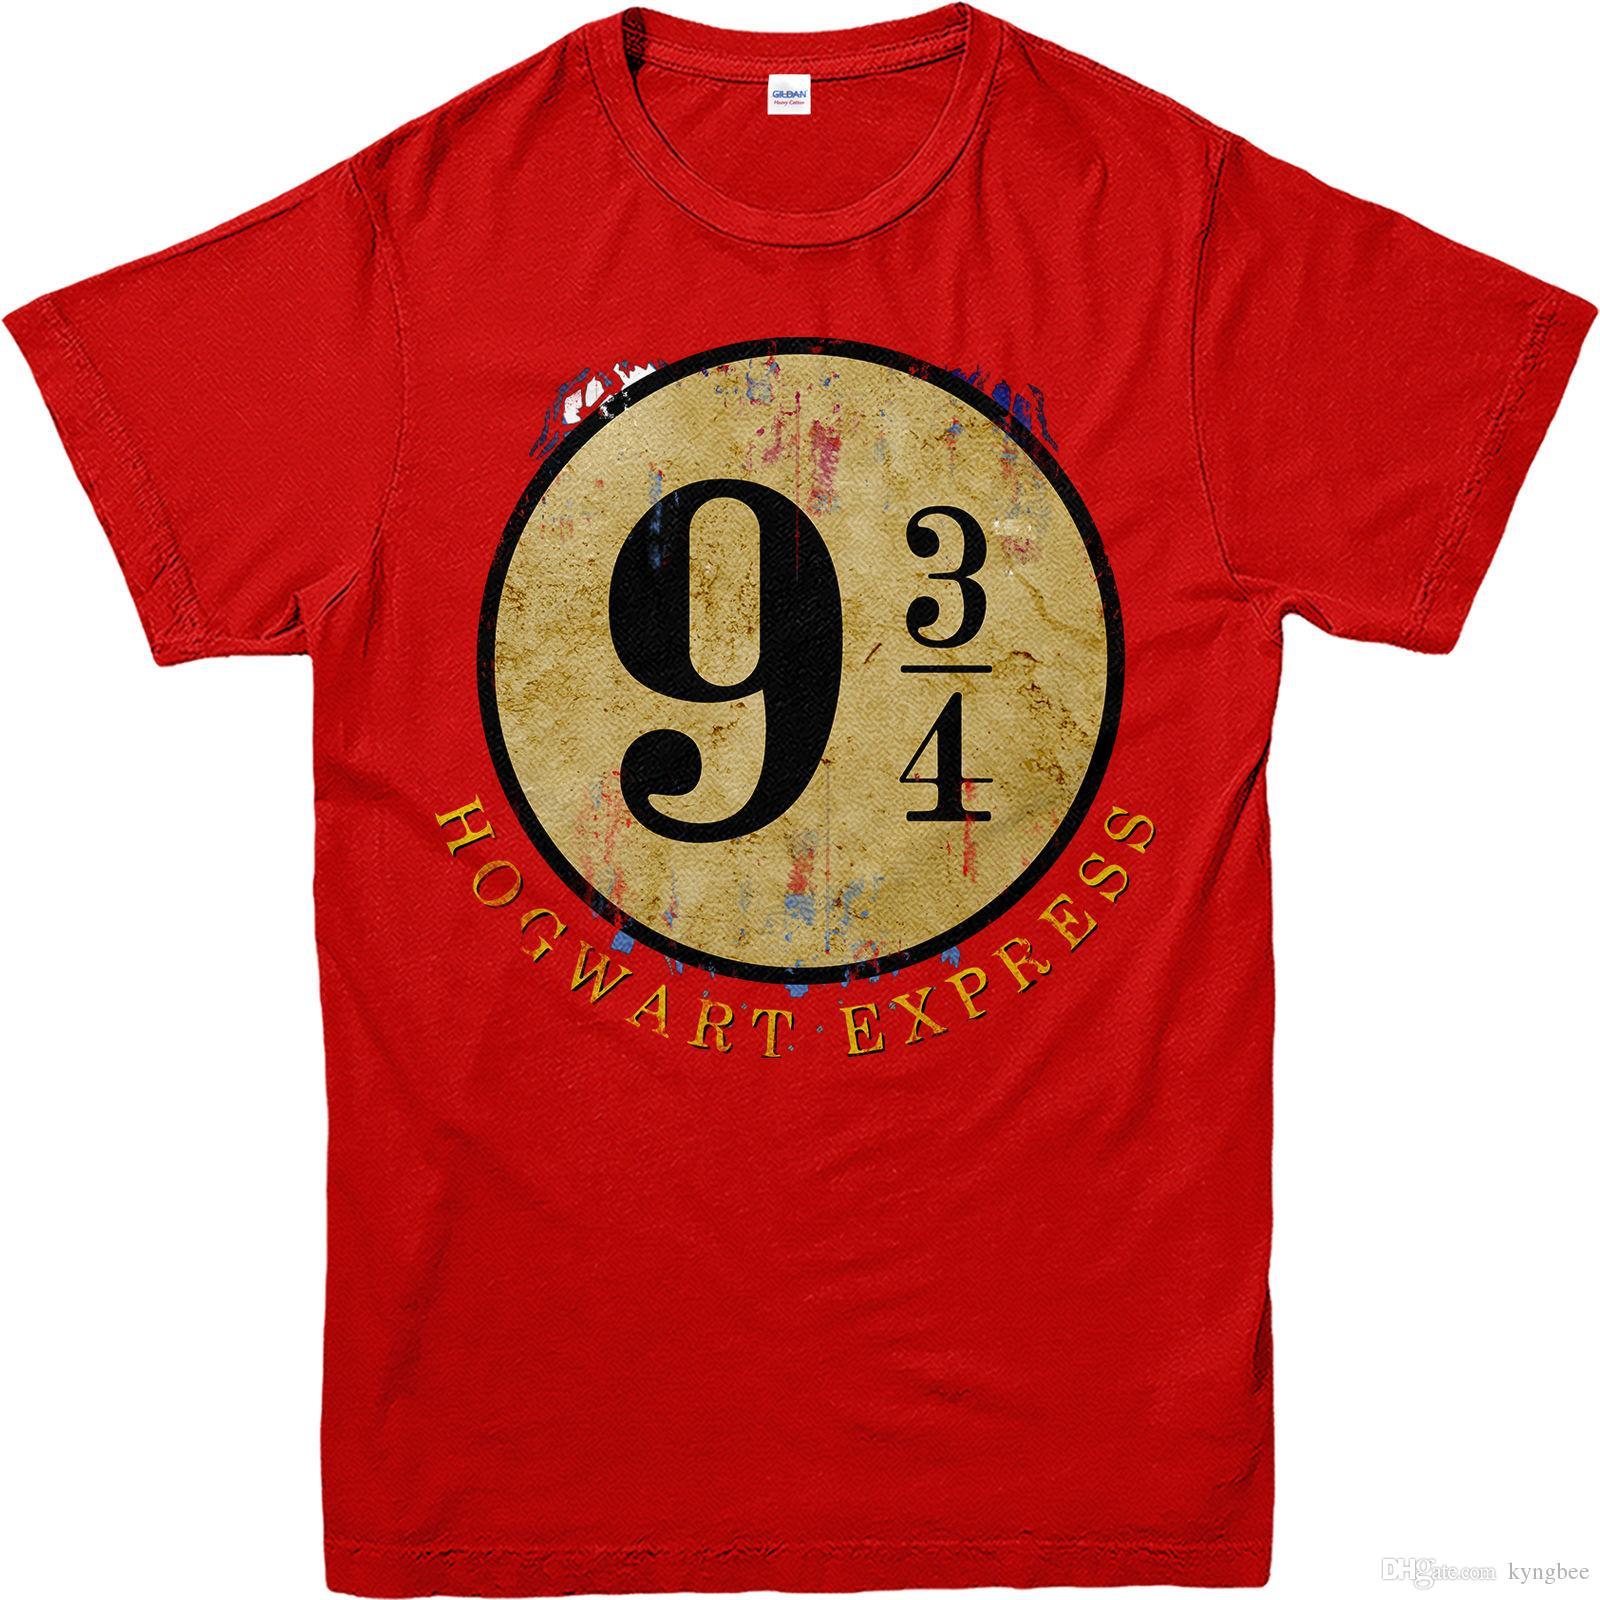 1ff04f4b4 Compre Camiseta Harry Potter, Plataforma 9 3/4 Hogwarts Express T Shirt,  Inspirado De Kyngbee, $12.7 | Pt.Dhgate.Com